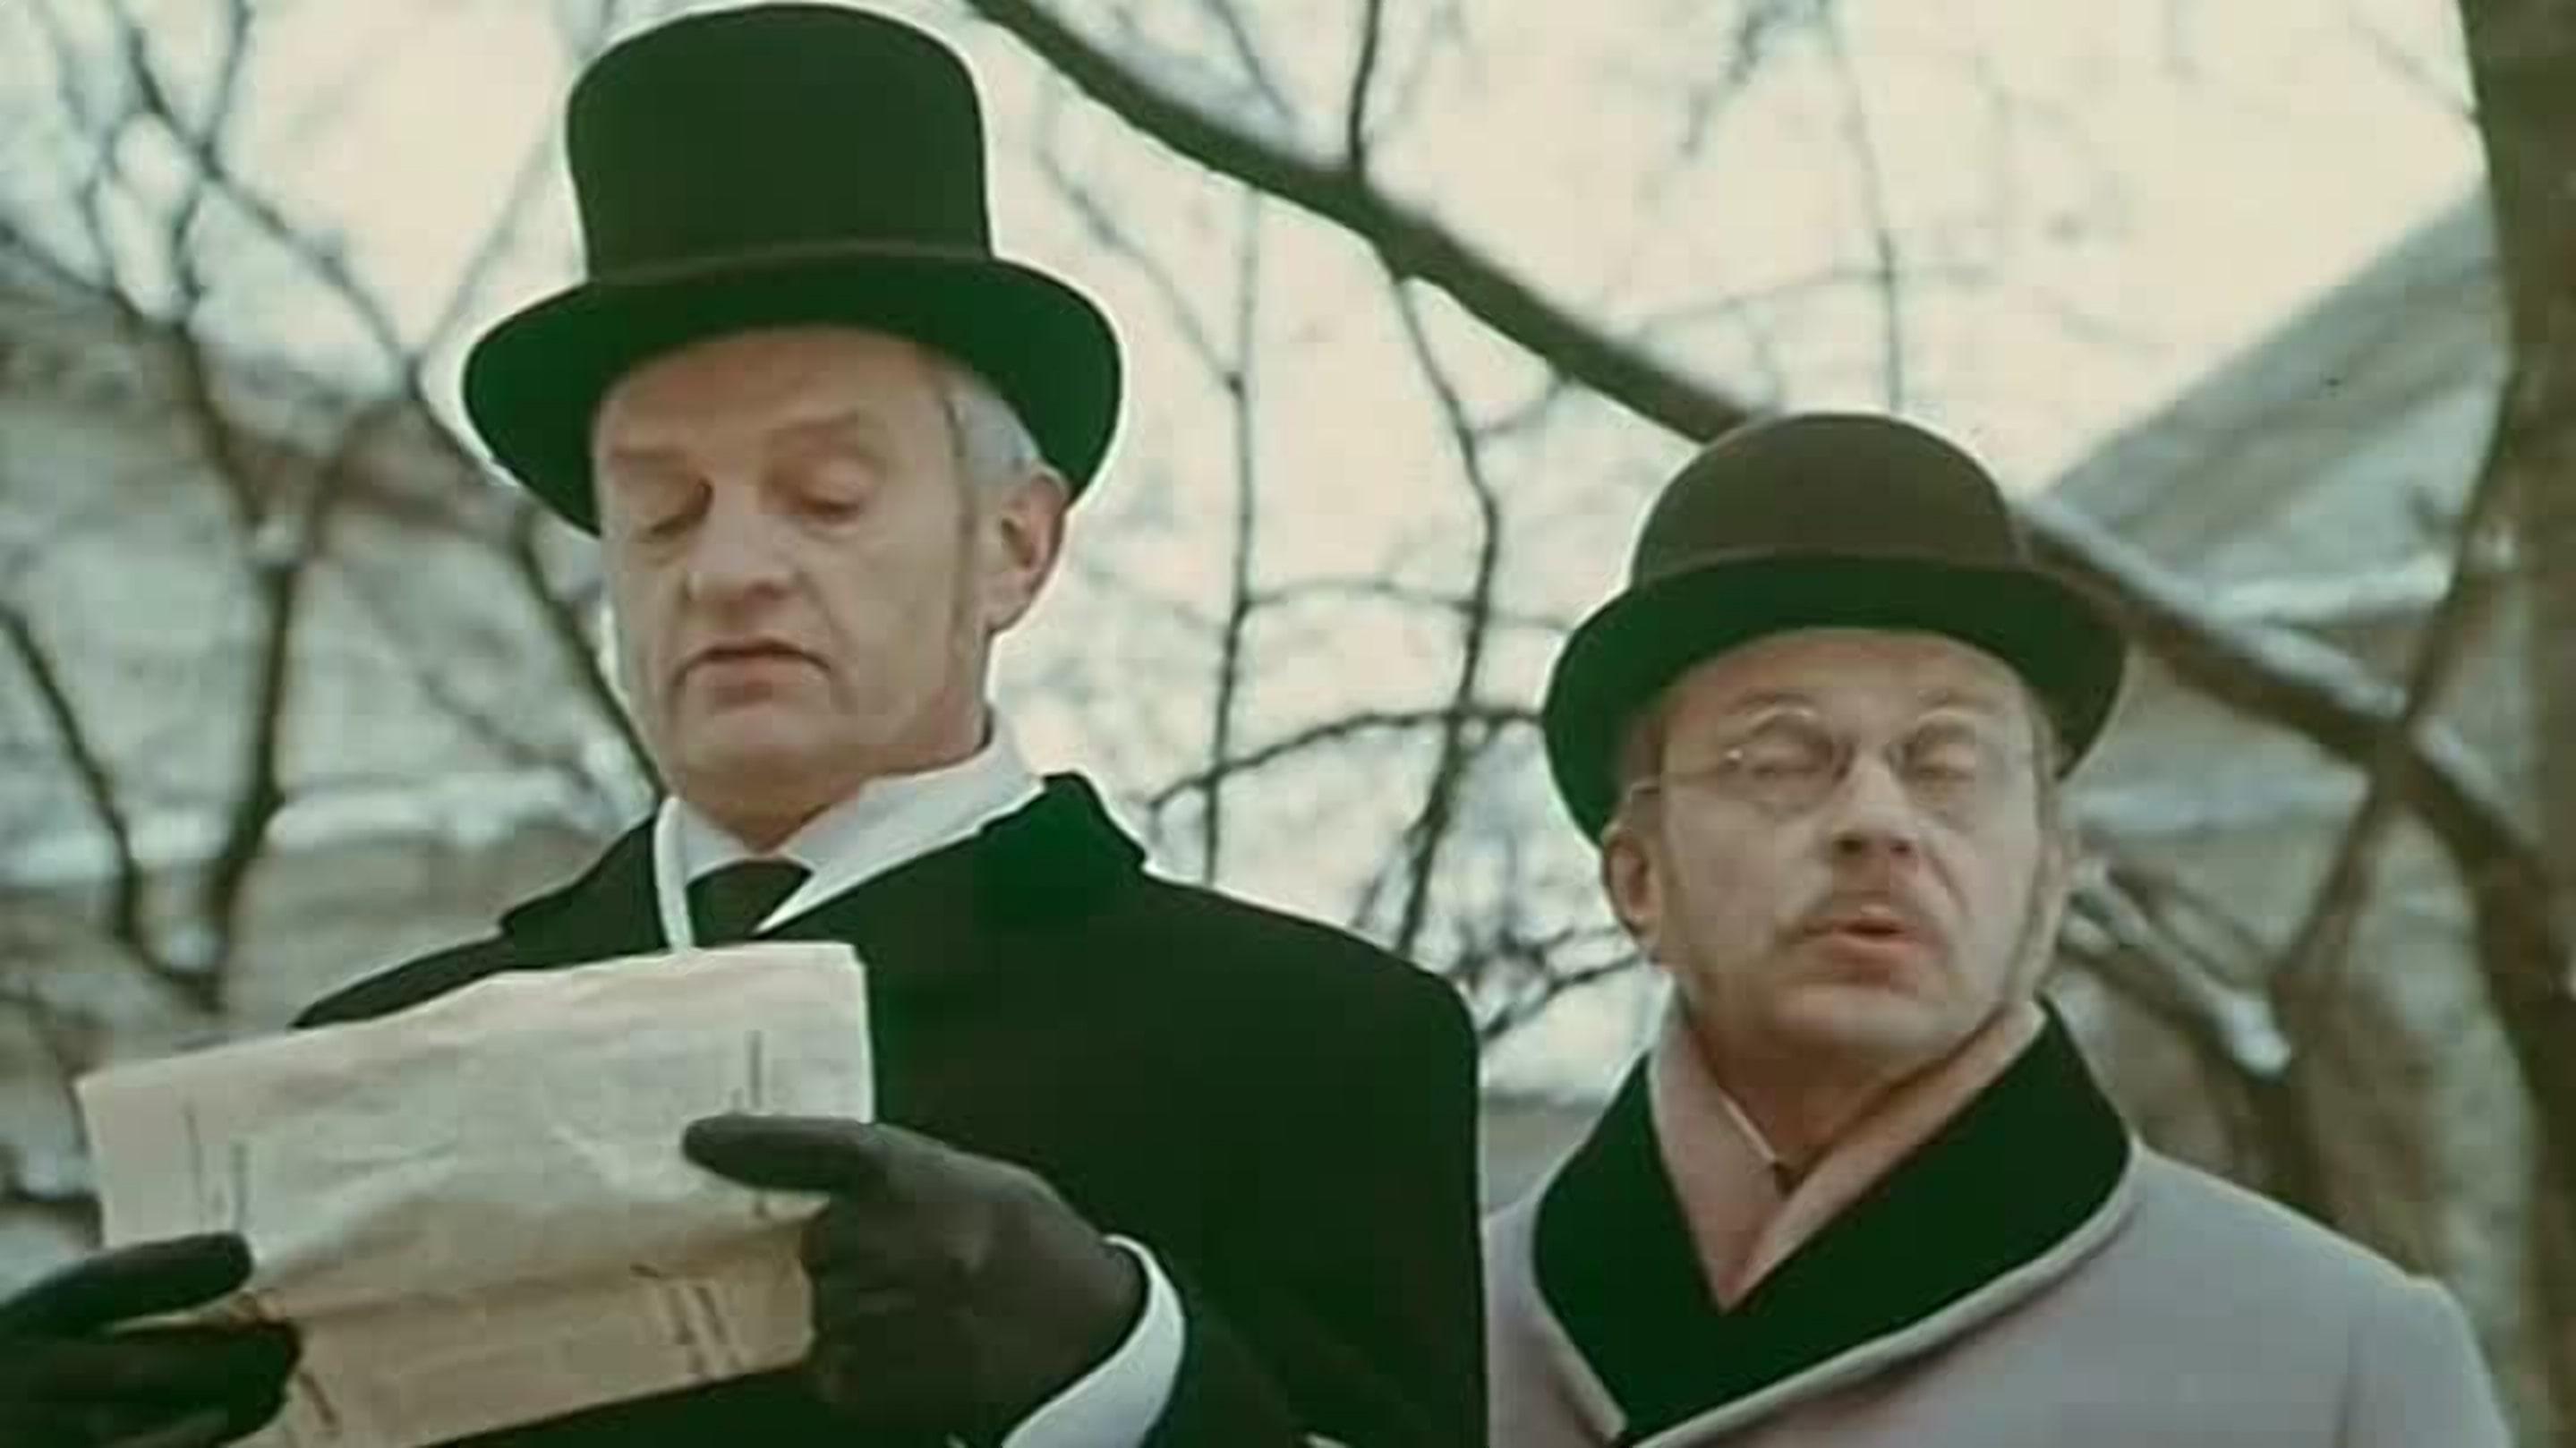 Шерлок Холмс и доктор Ватсон от Беларусфильма